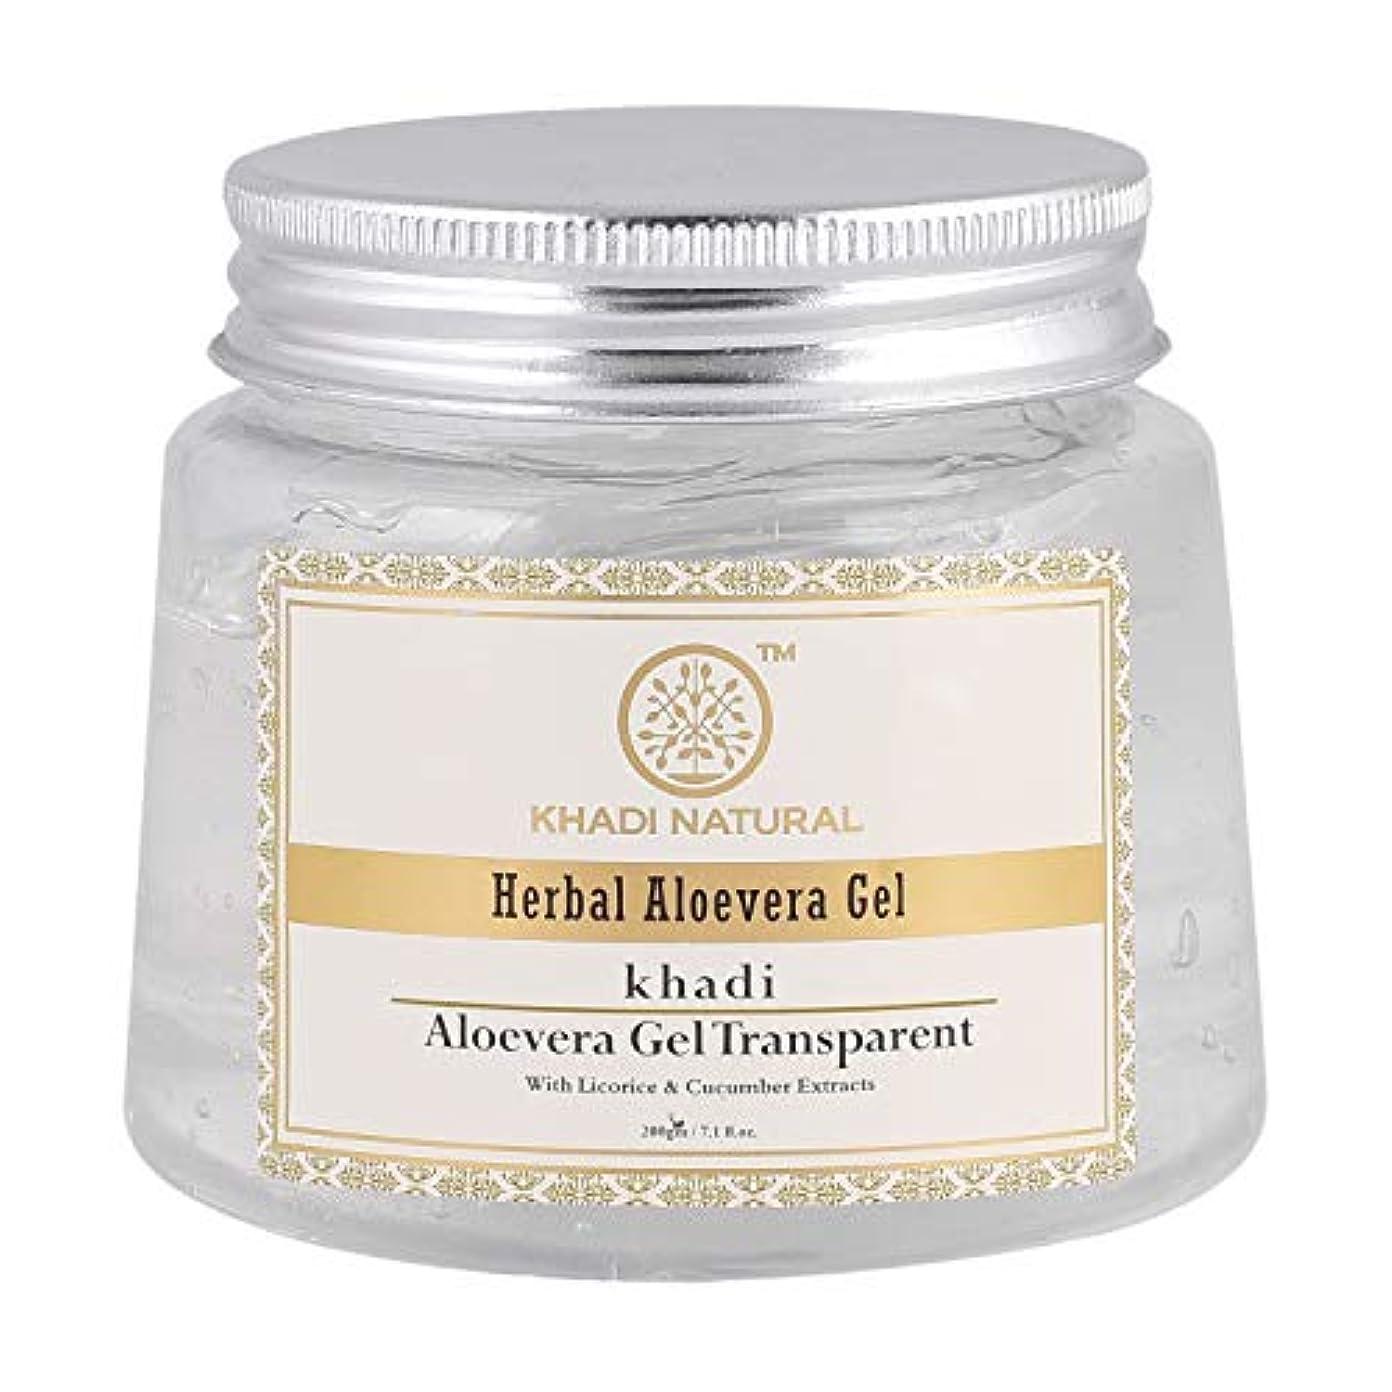 説明する悪化させる文芸Khadi Natural Herbal Aloevera Gel With Liqorice & Cucumber Extracts 200g